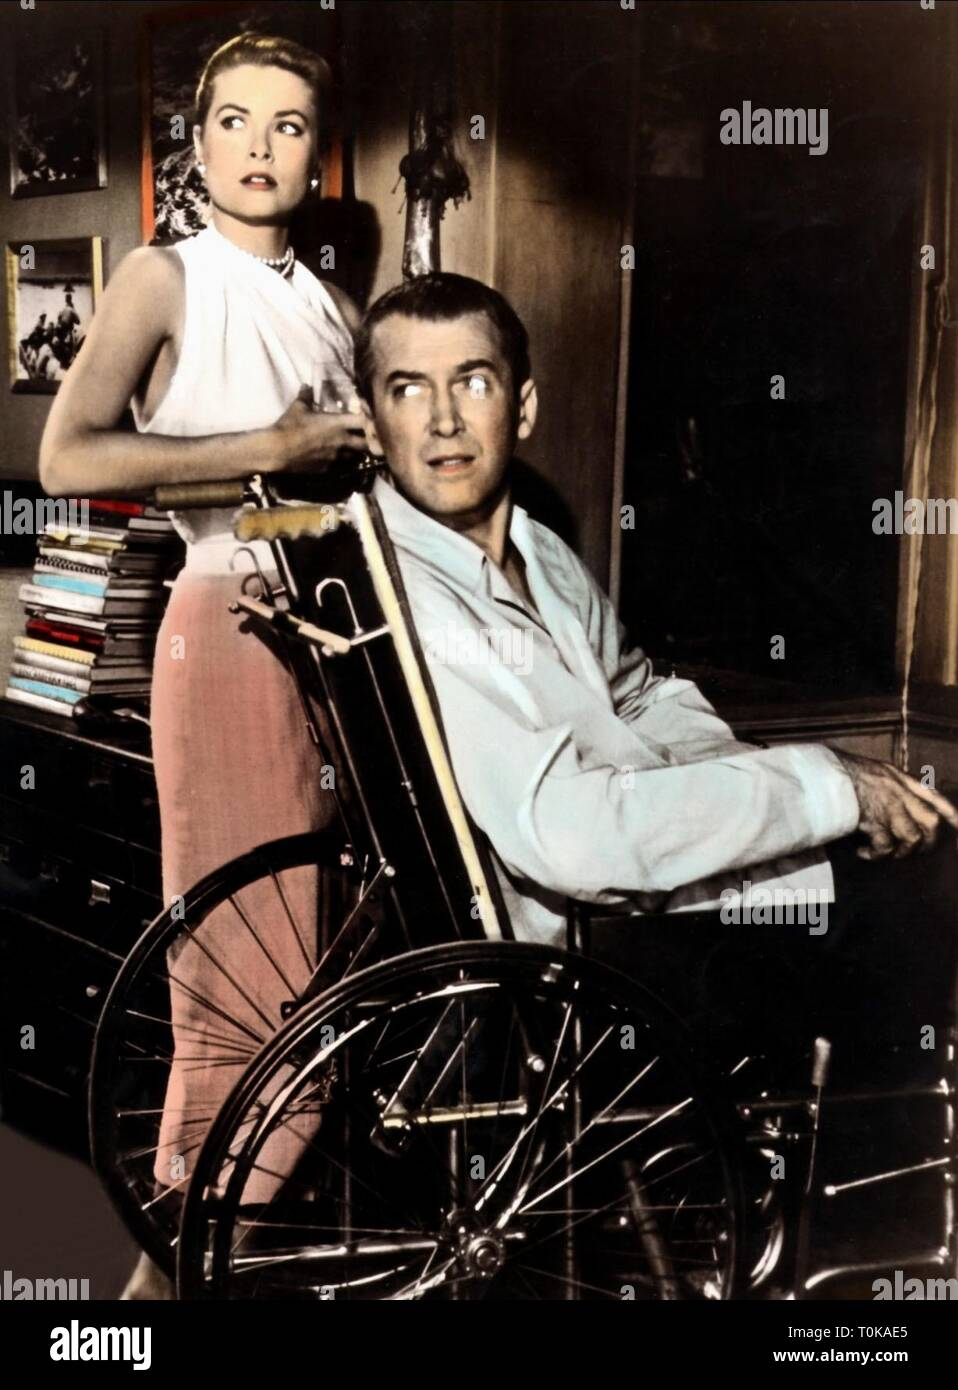 GRACE KELLY, JAMES STEWART, REAR WINDOW, 1954 - Stock Image